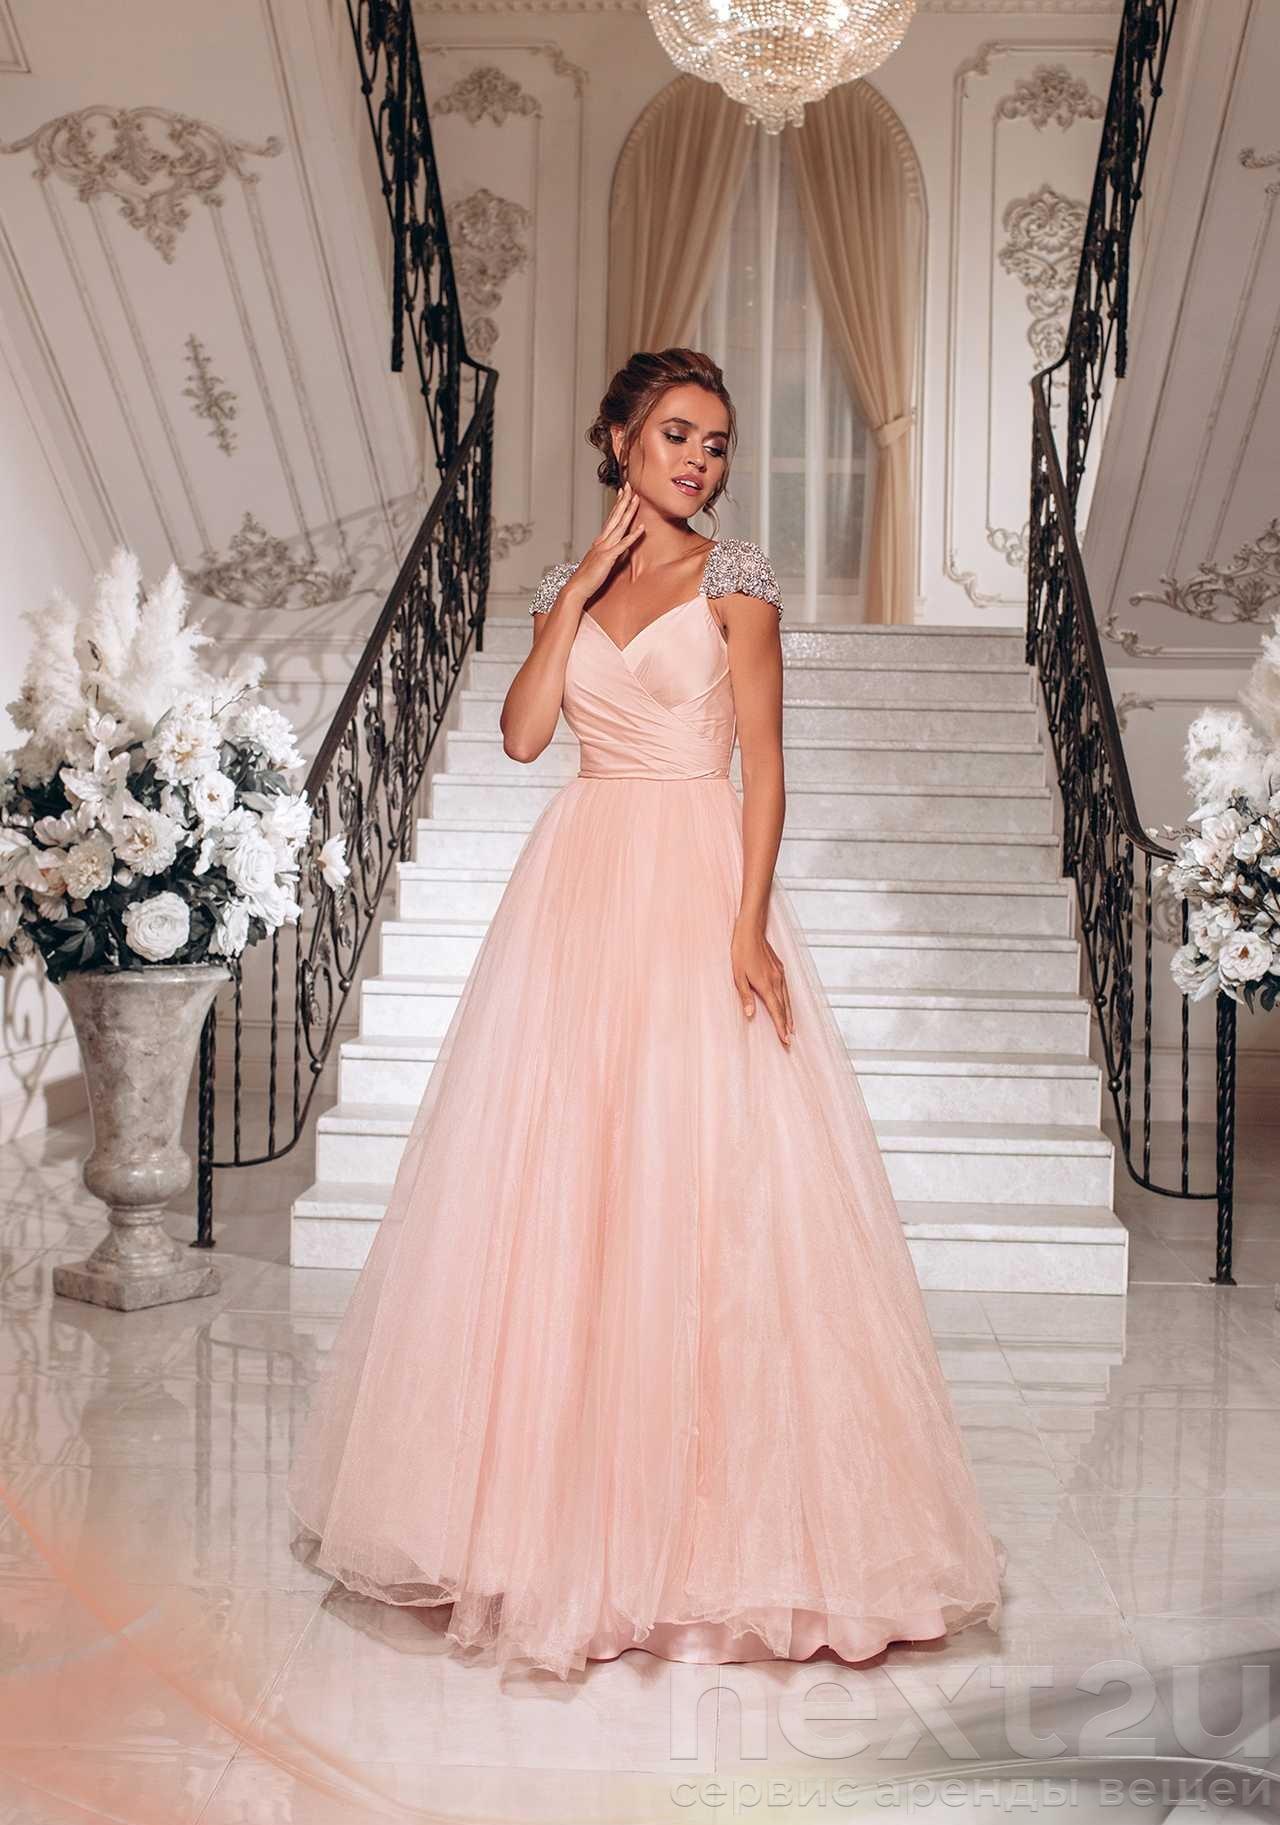 713f0d9053f АРЕНДА вещи- Платье Вечернее платье SHERRI HILL SH055. Цена - 12000 р. за 3  дня